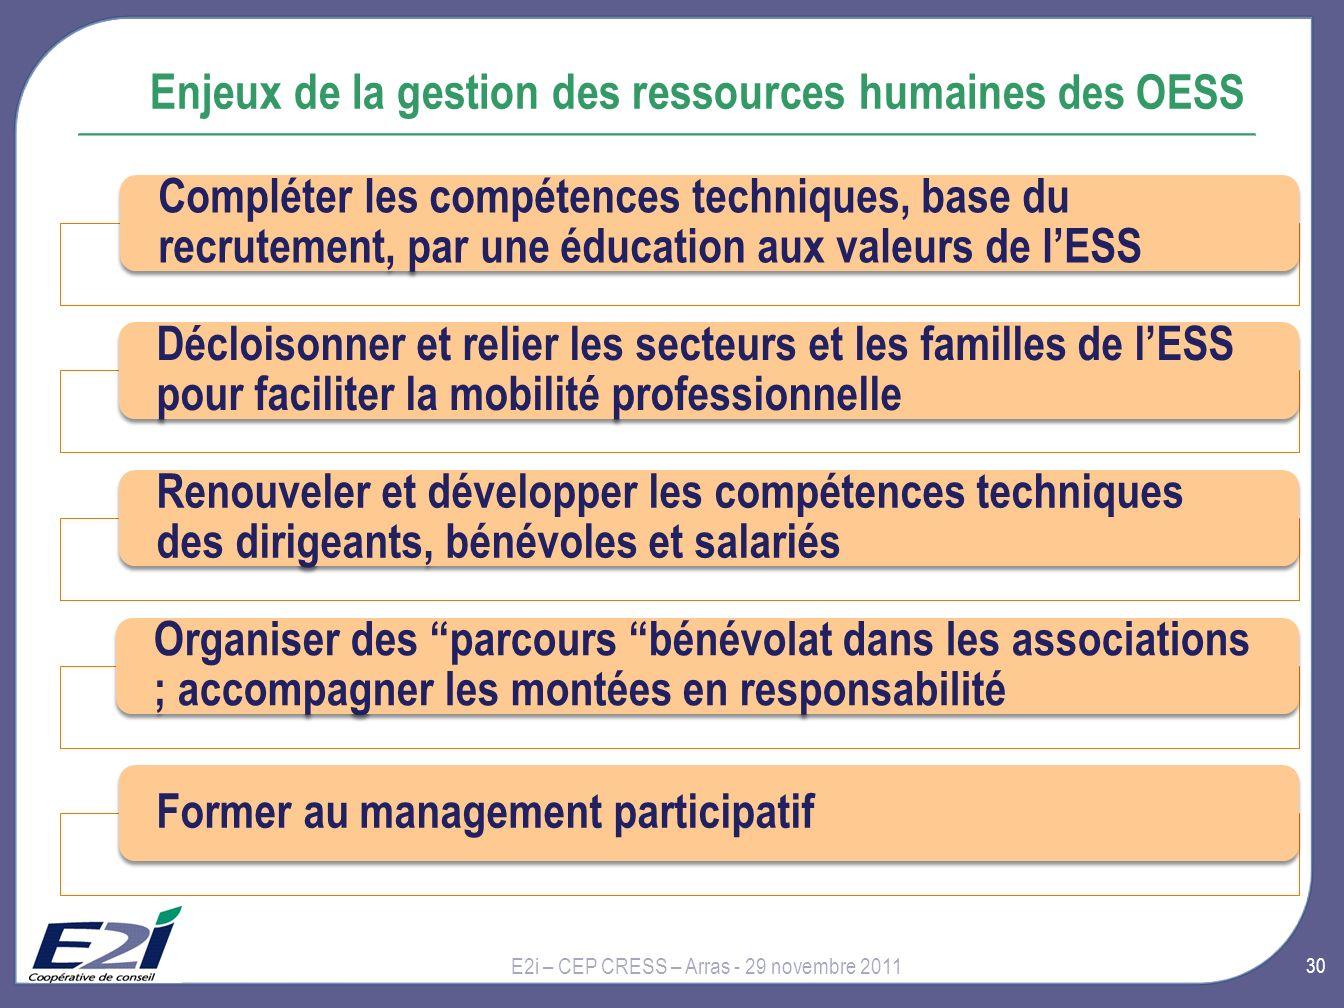 Enjeux de la gestion des ressources humaines des OESS